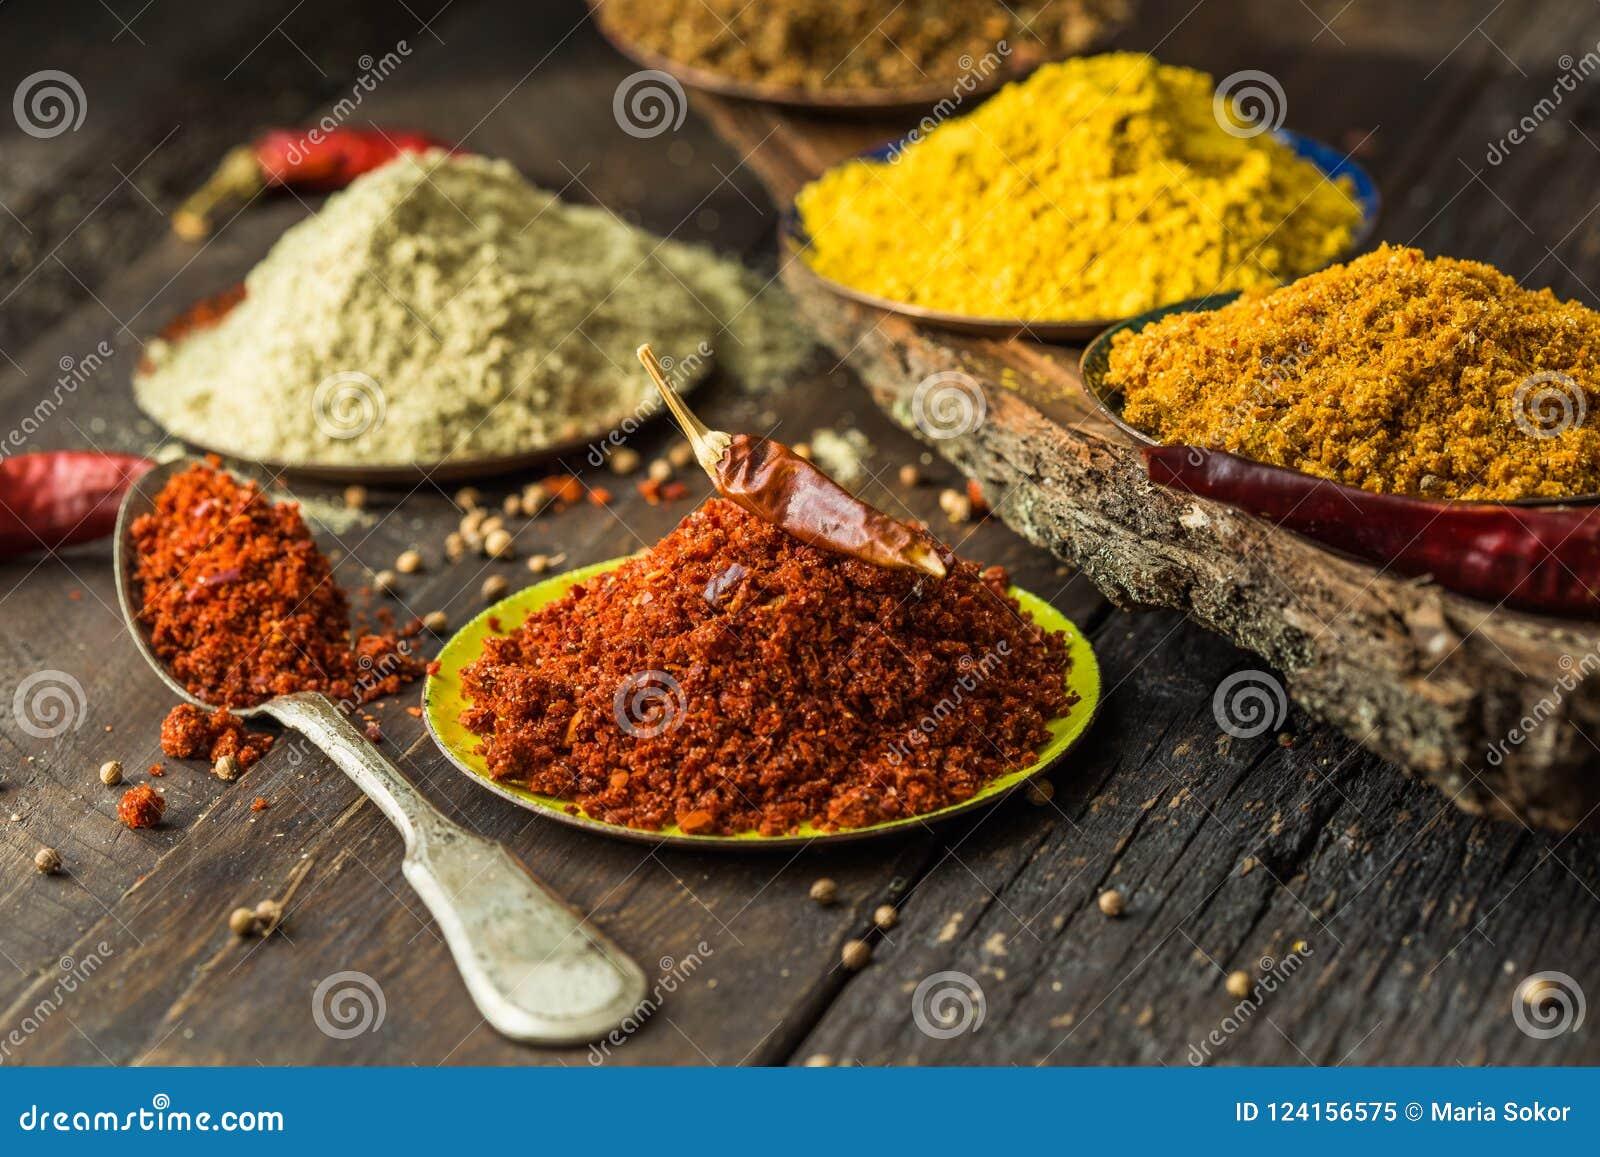 Tas de diverses épices moulues sur le fond en bois Épices géorgiennes, épices indiennes, épices Arabes Variété d épice Herbes et